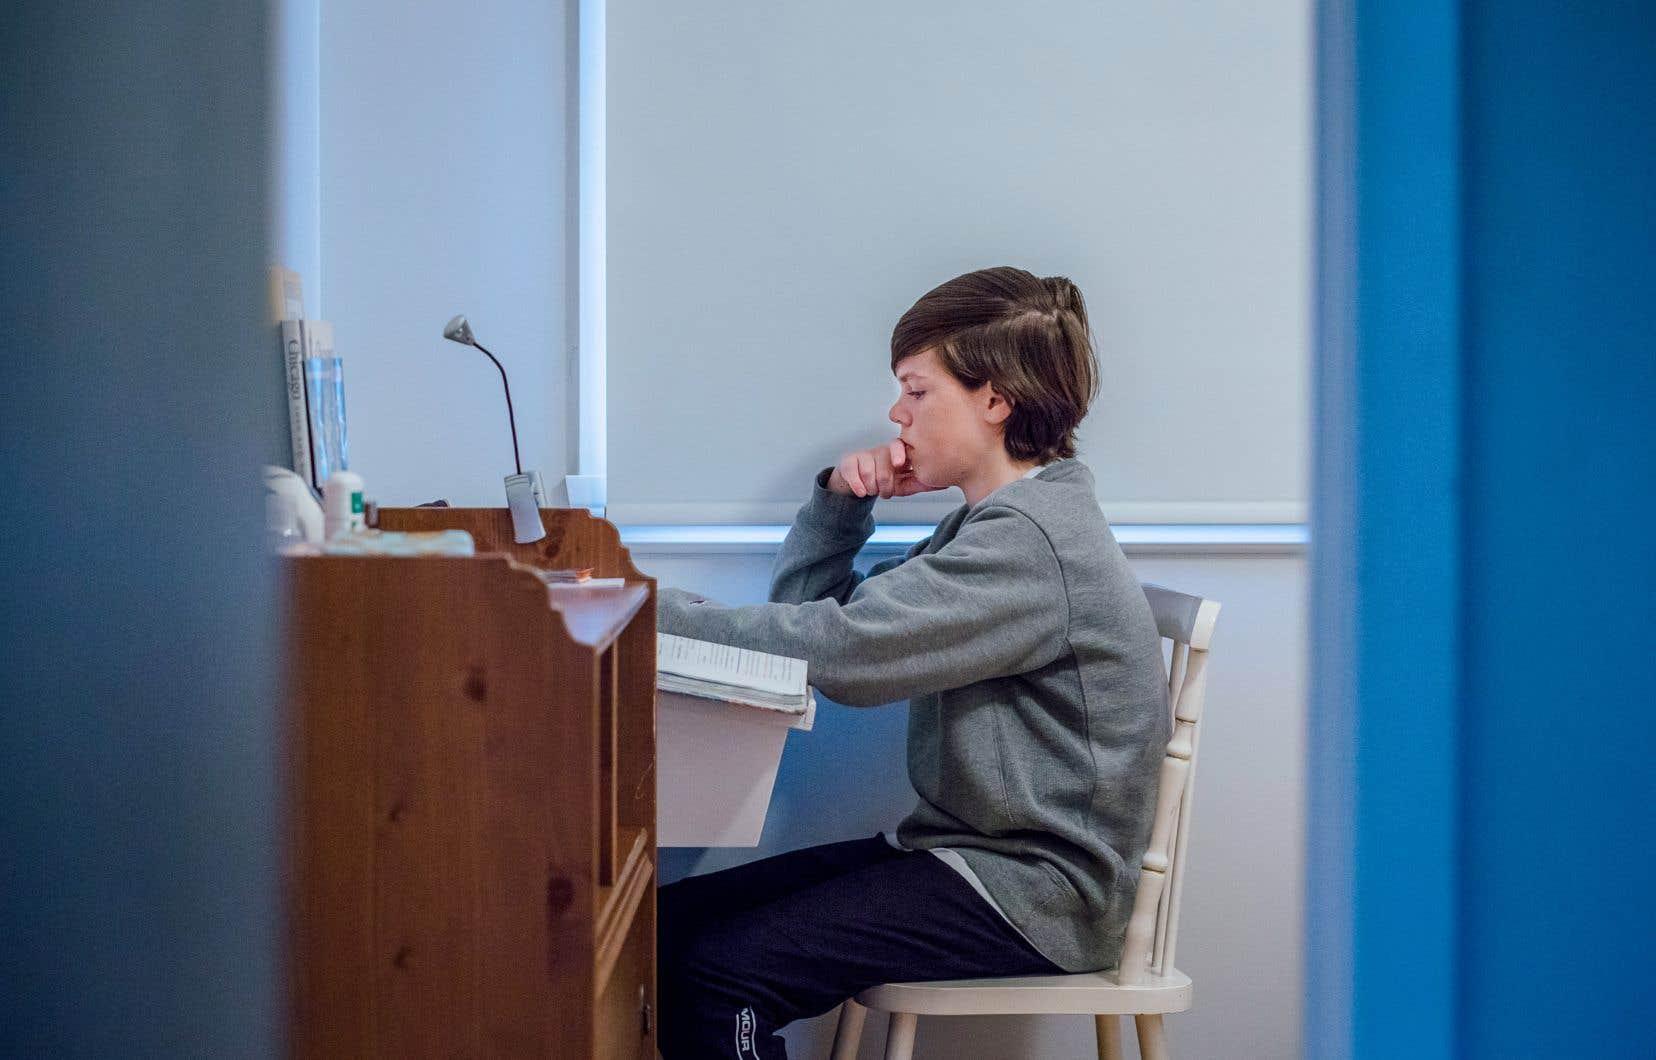 Le premier ministre François Legault envisage de prolonger l'enseignement à distance d'une semaine au niveau primaire (jusqu'au 18janvier) et de deux semaines au niveau secondaire (jusqu'au 25janvier).